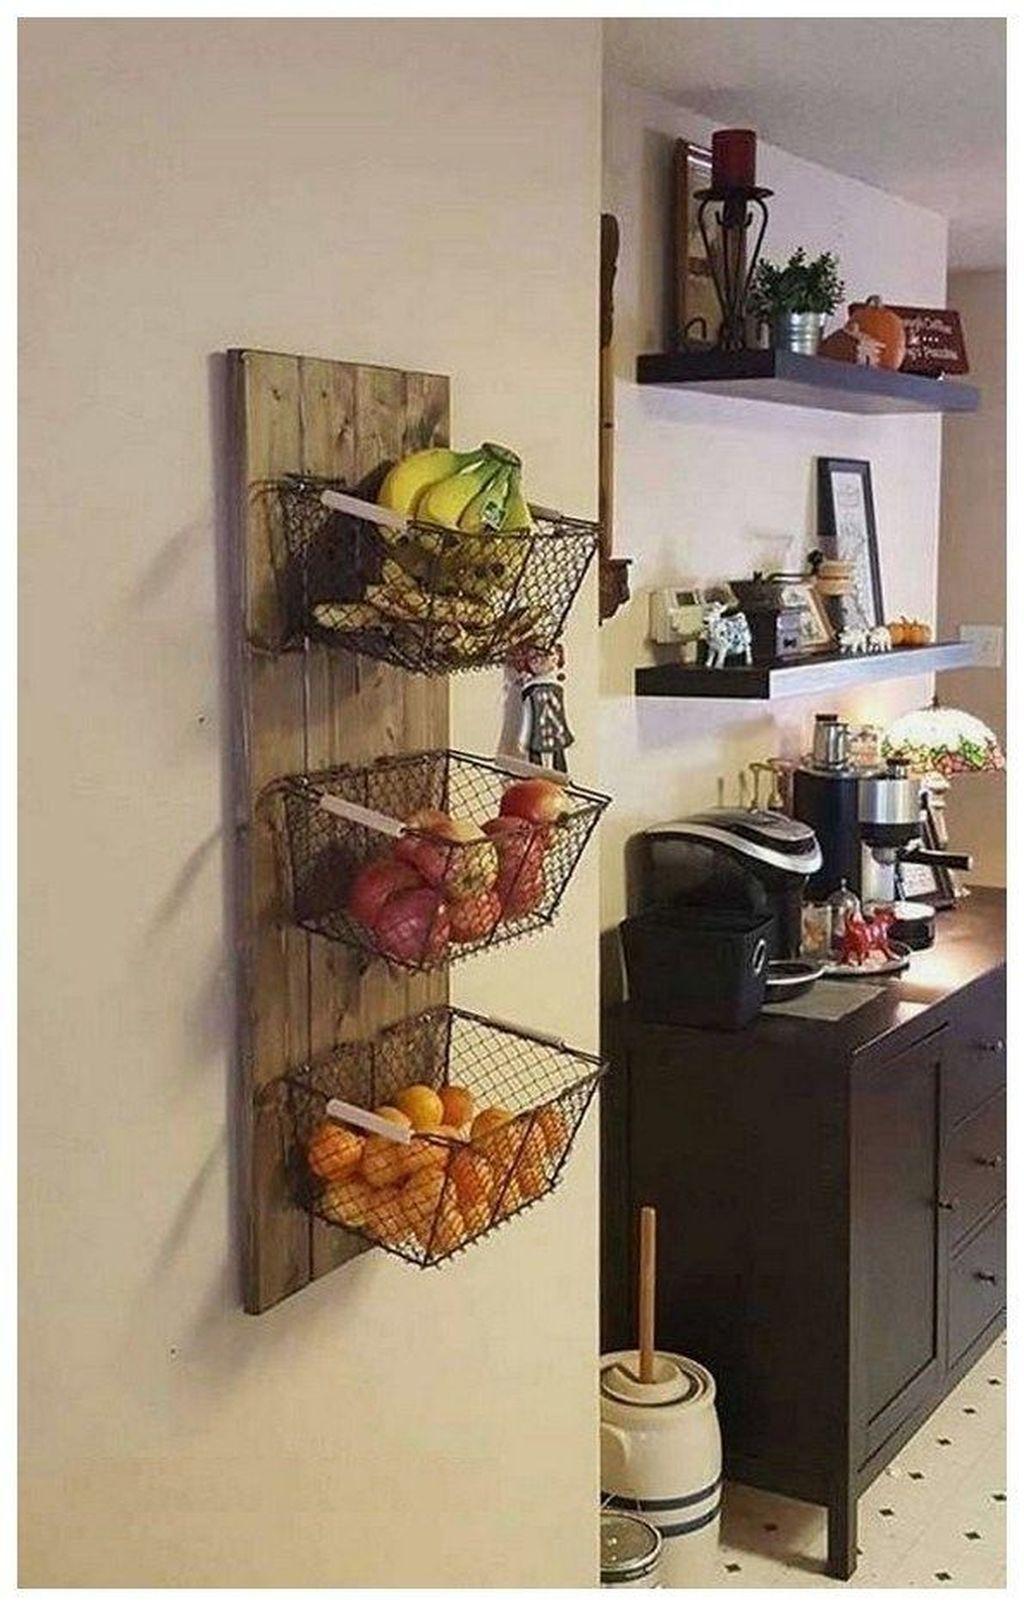 20+ Creative Diy Home Decor Ideas For You - Coodecor طراحی داخلی - Diy Home Decor